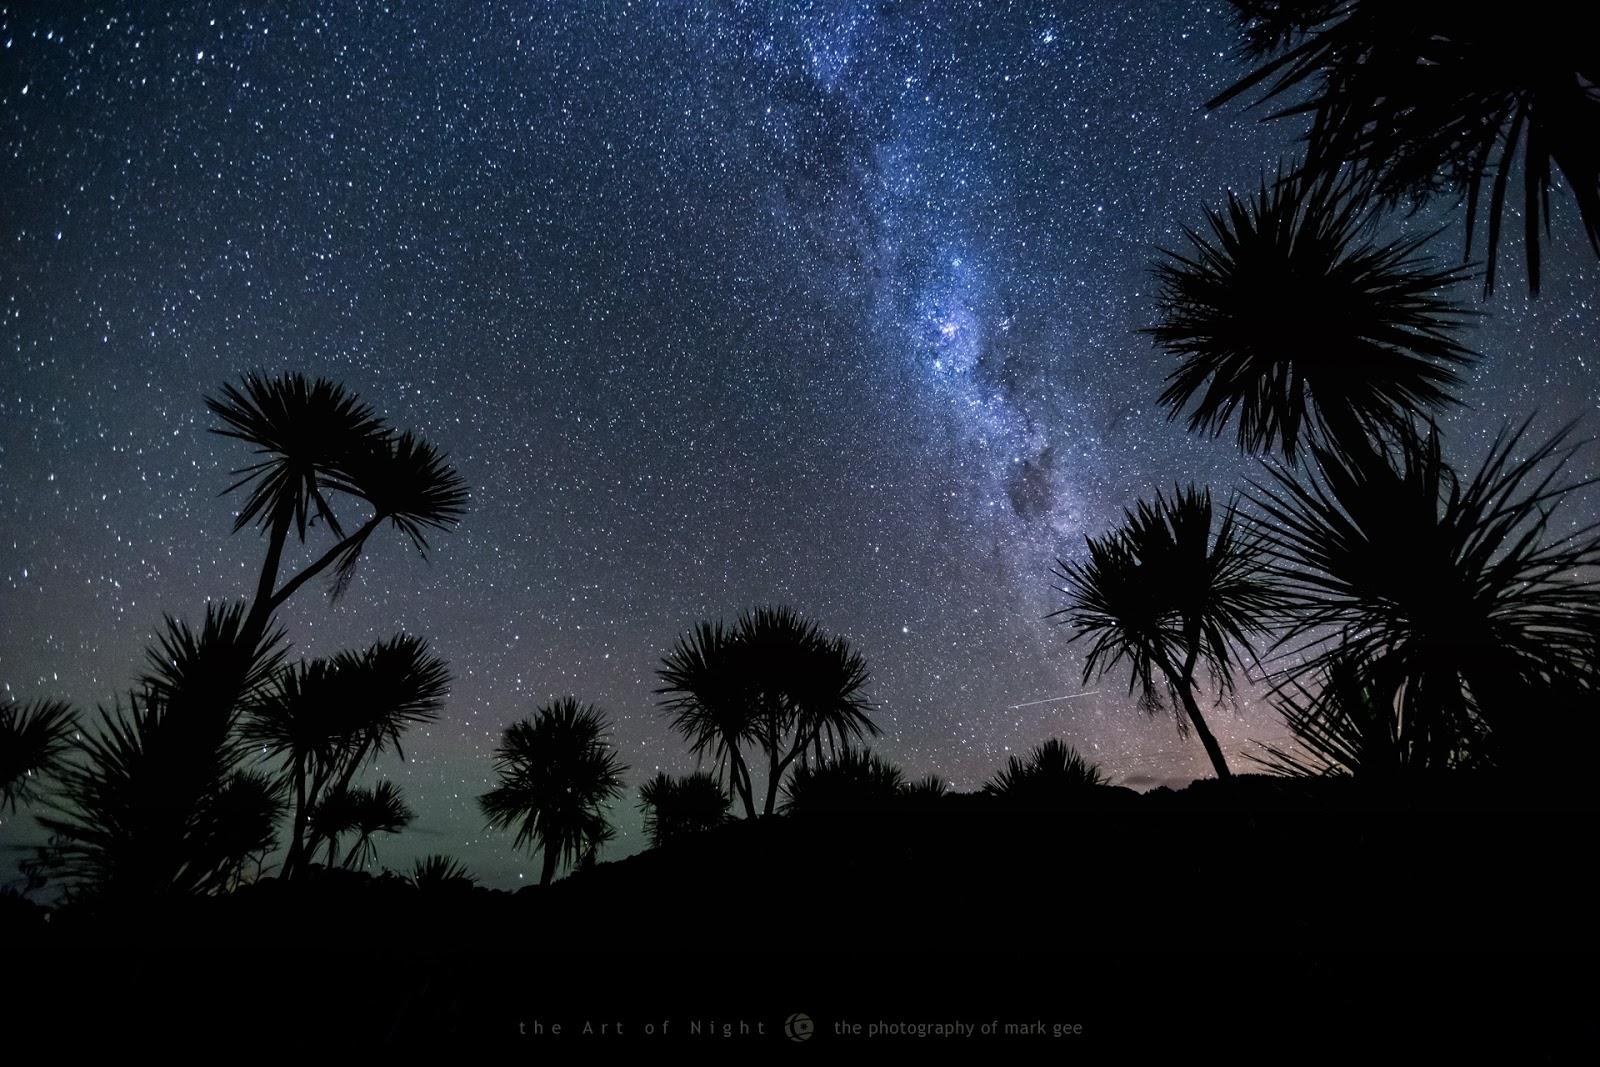 Bầu trời đêm mùa hè với những bóng cây ở Tân Tây Lan. Tác giả : Mark Gee.